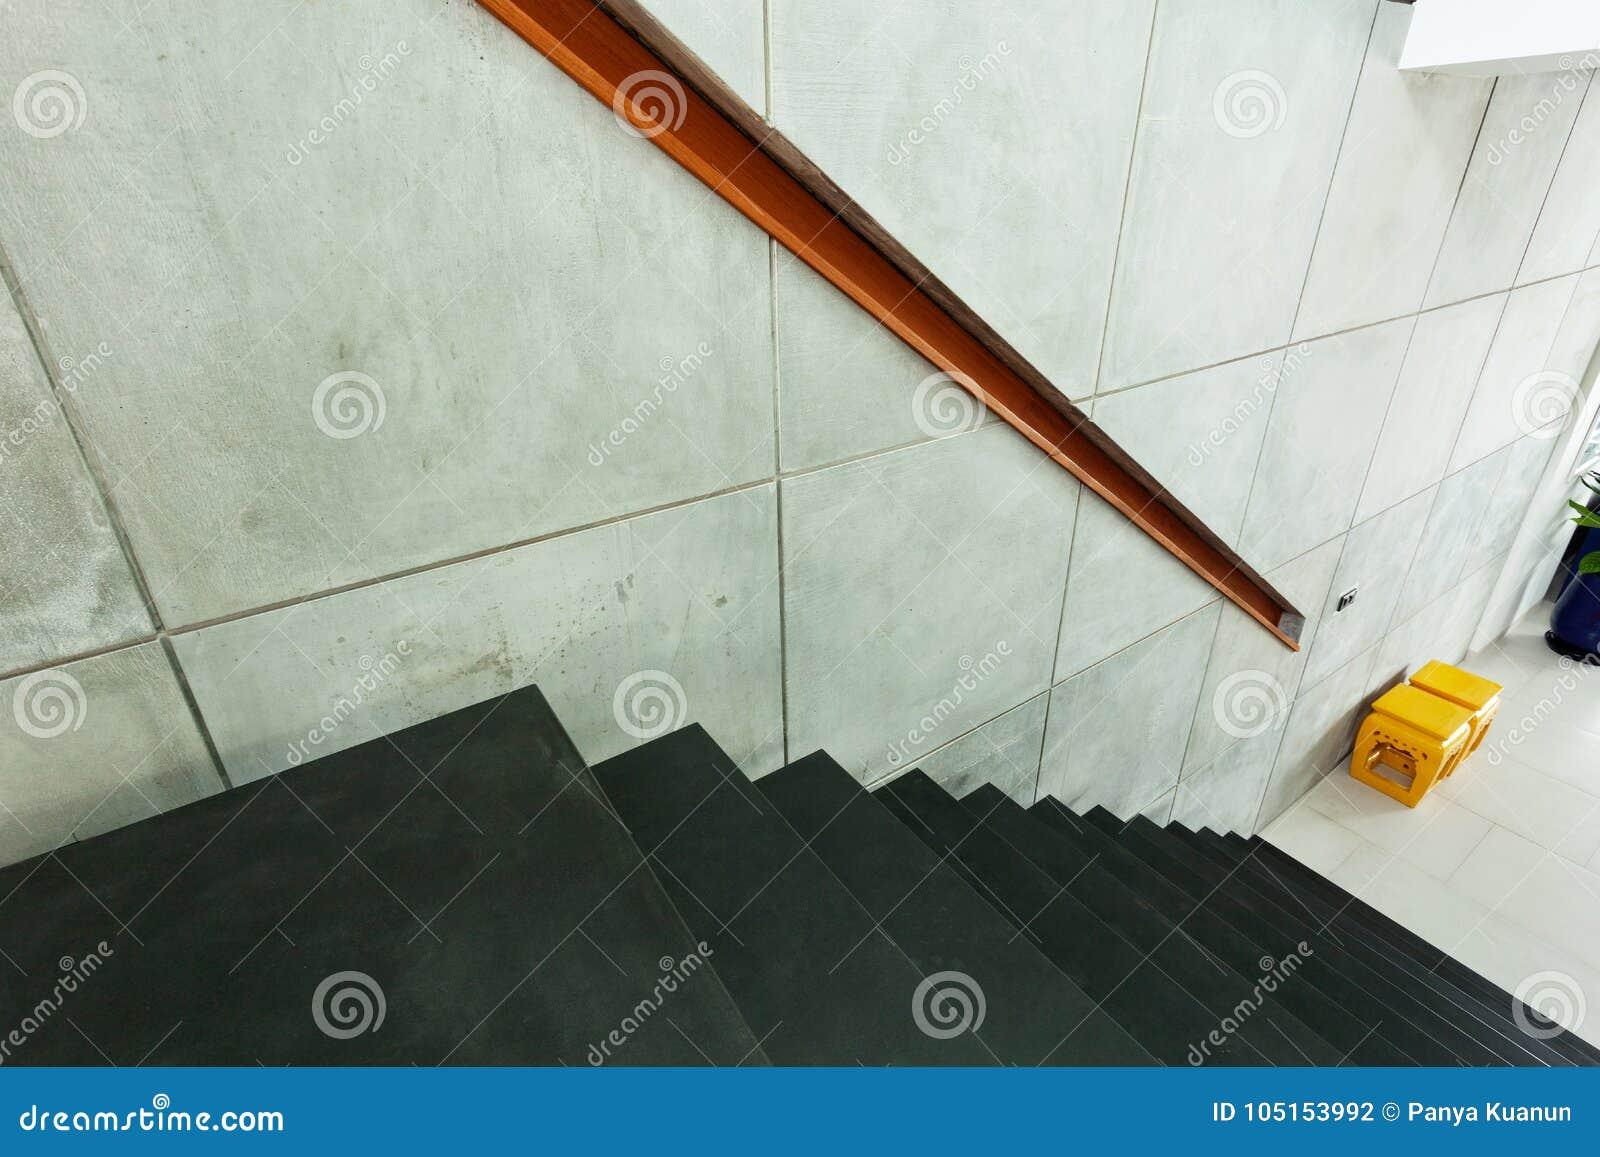 Escalier Dans Le Mur Moderne De Villa Et De Ciment Photo stock ...